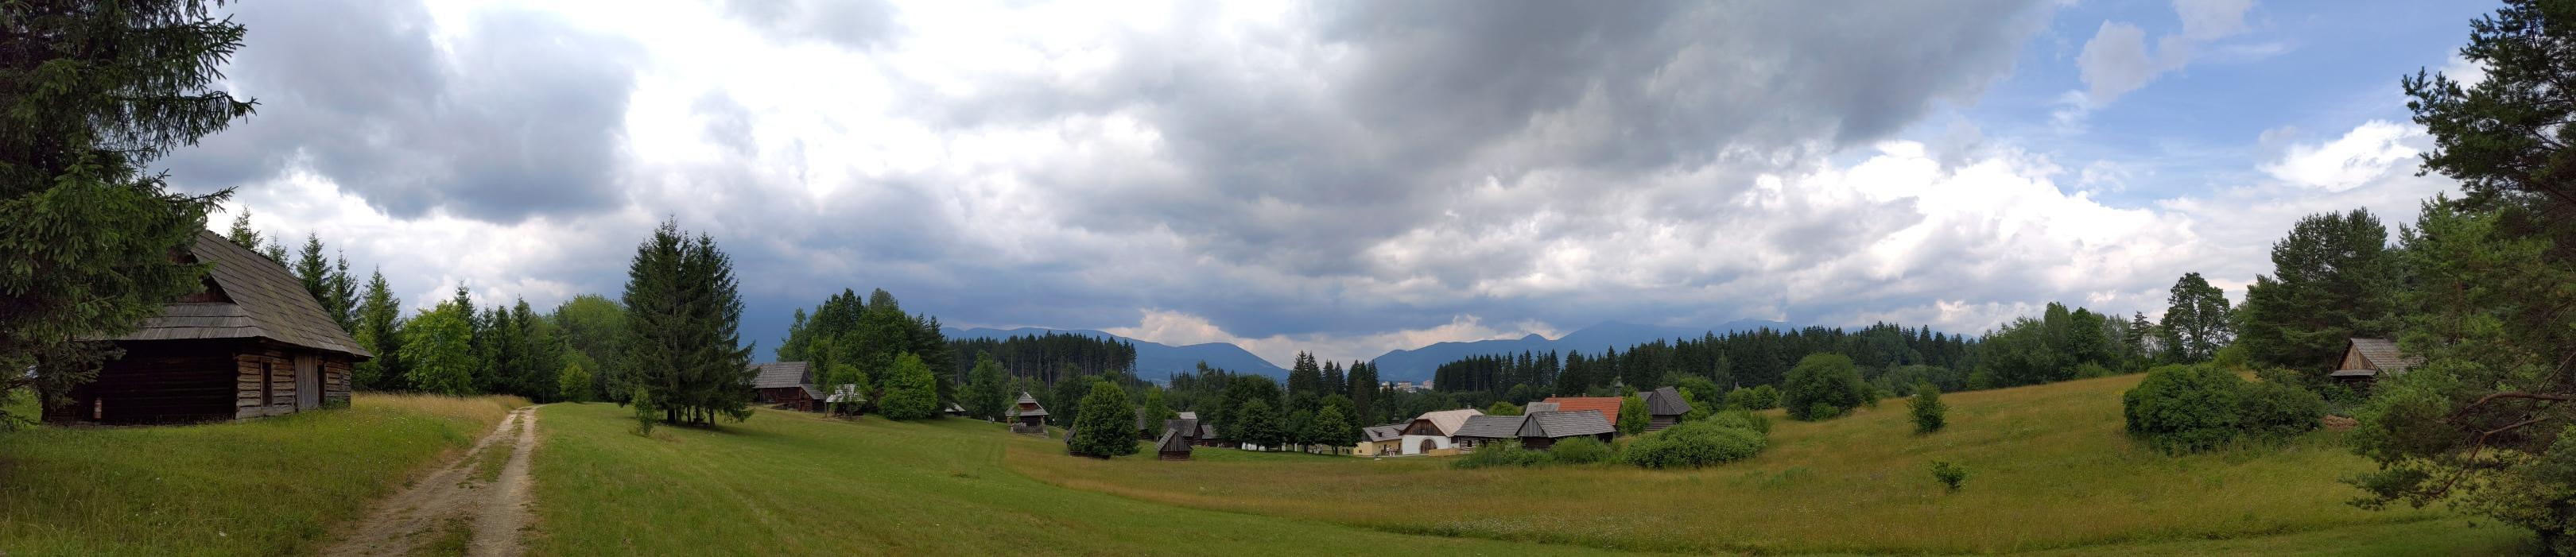 muzeul_satului_slovac_martin_asus_zenfone_6_9